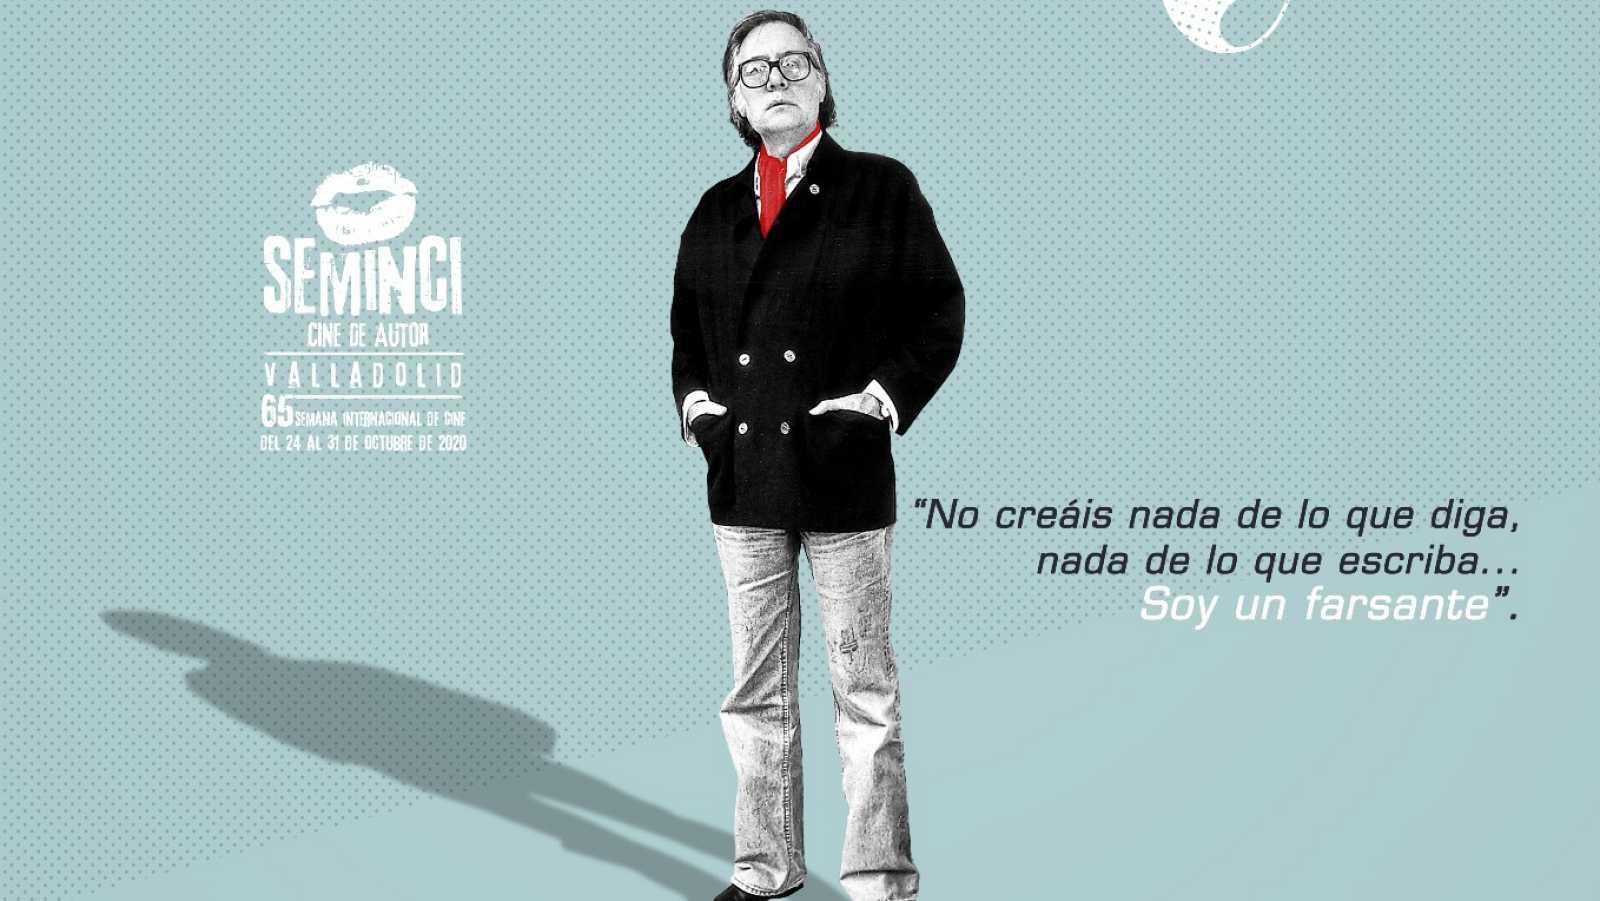 'Anatomía de un dandy', el documental sobre Francisco Umbral